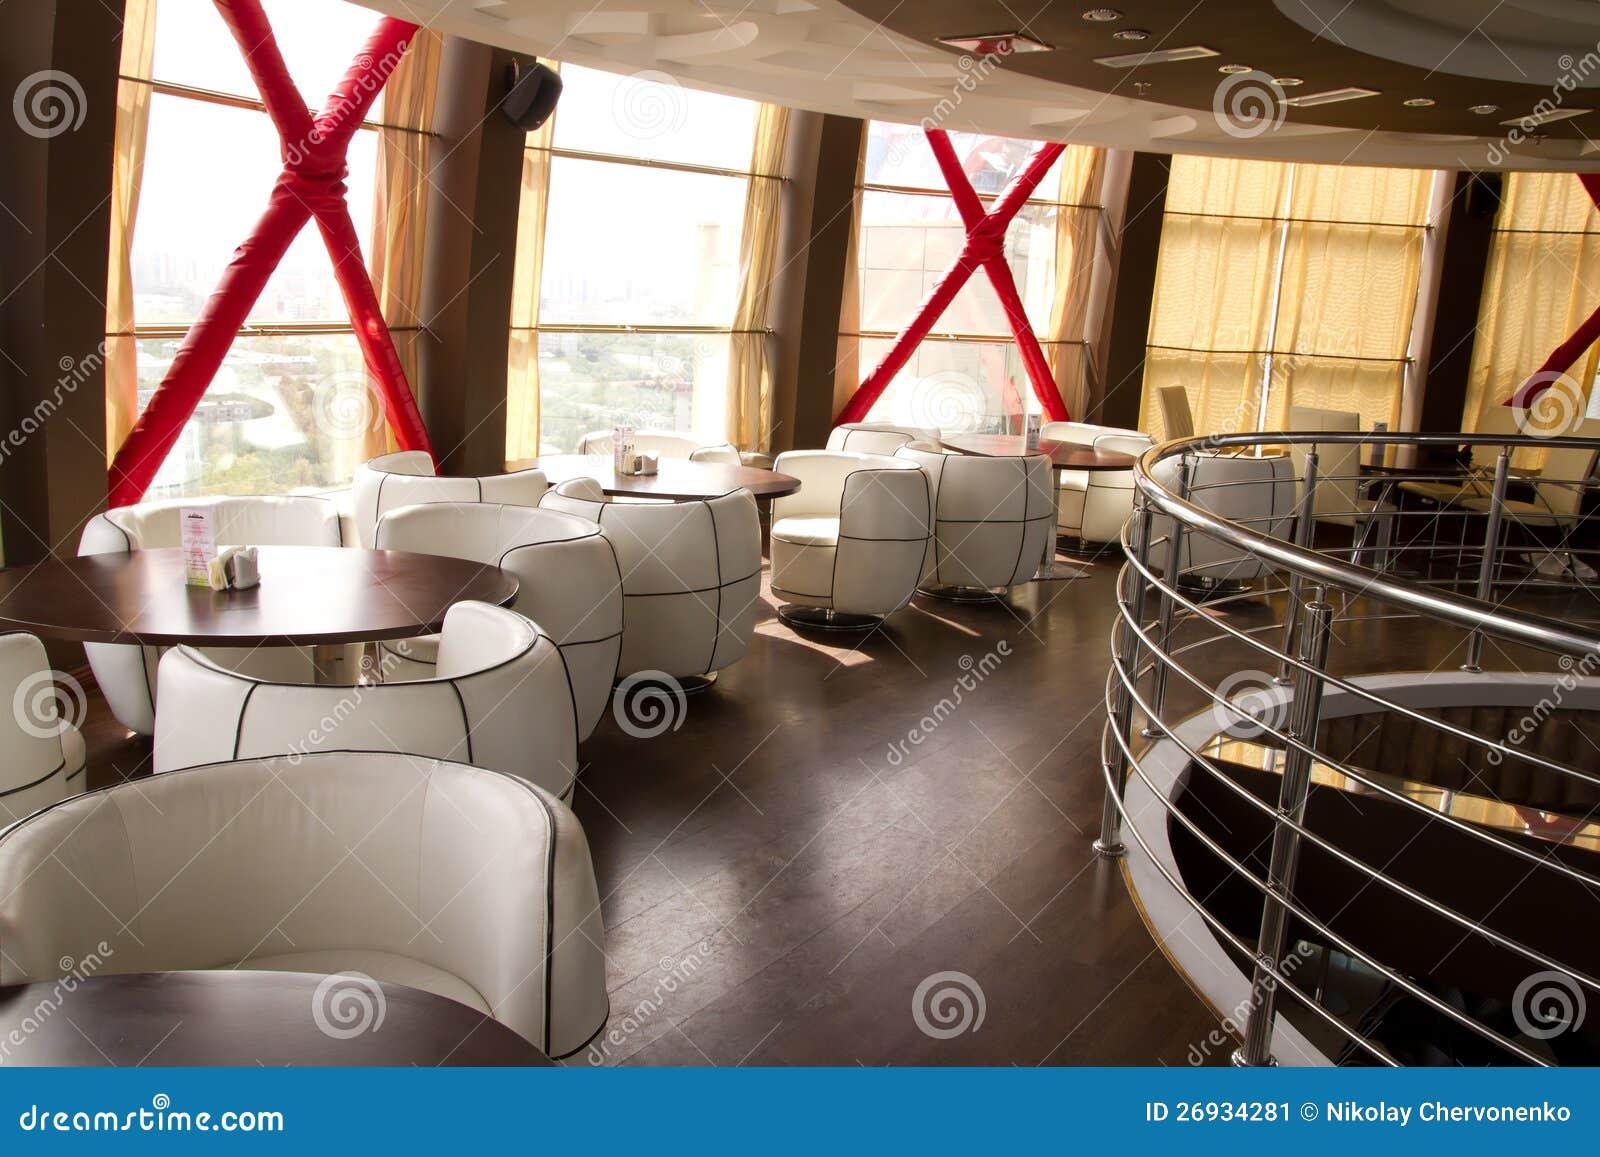 Int rieur d 39 un restaurant image stock image 26934281 for Interieur restaurant